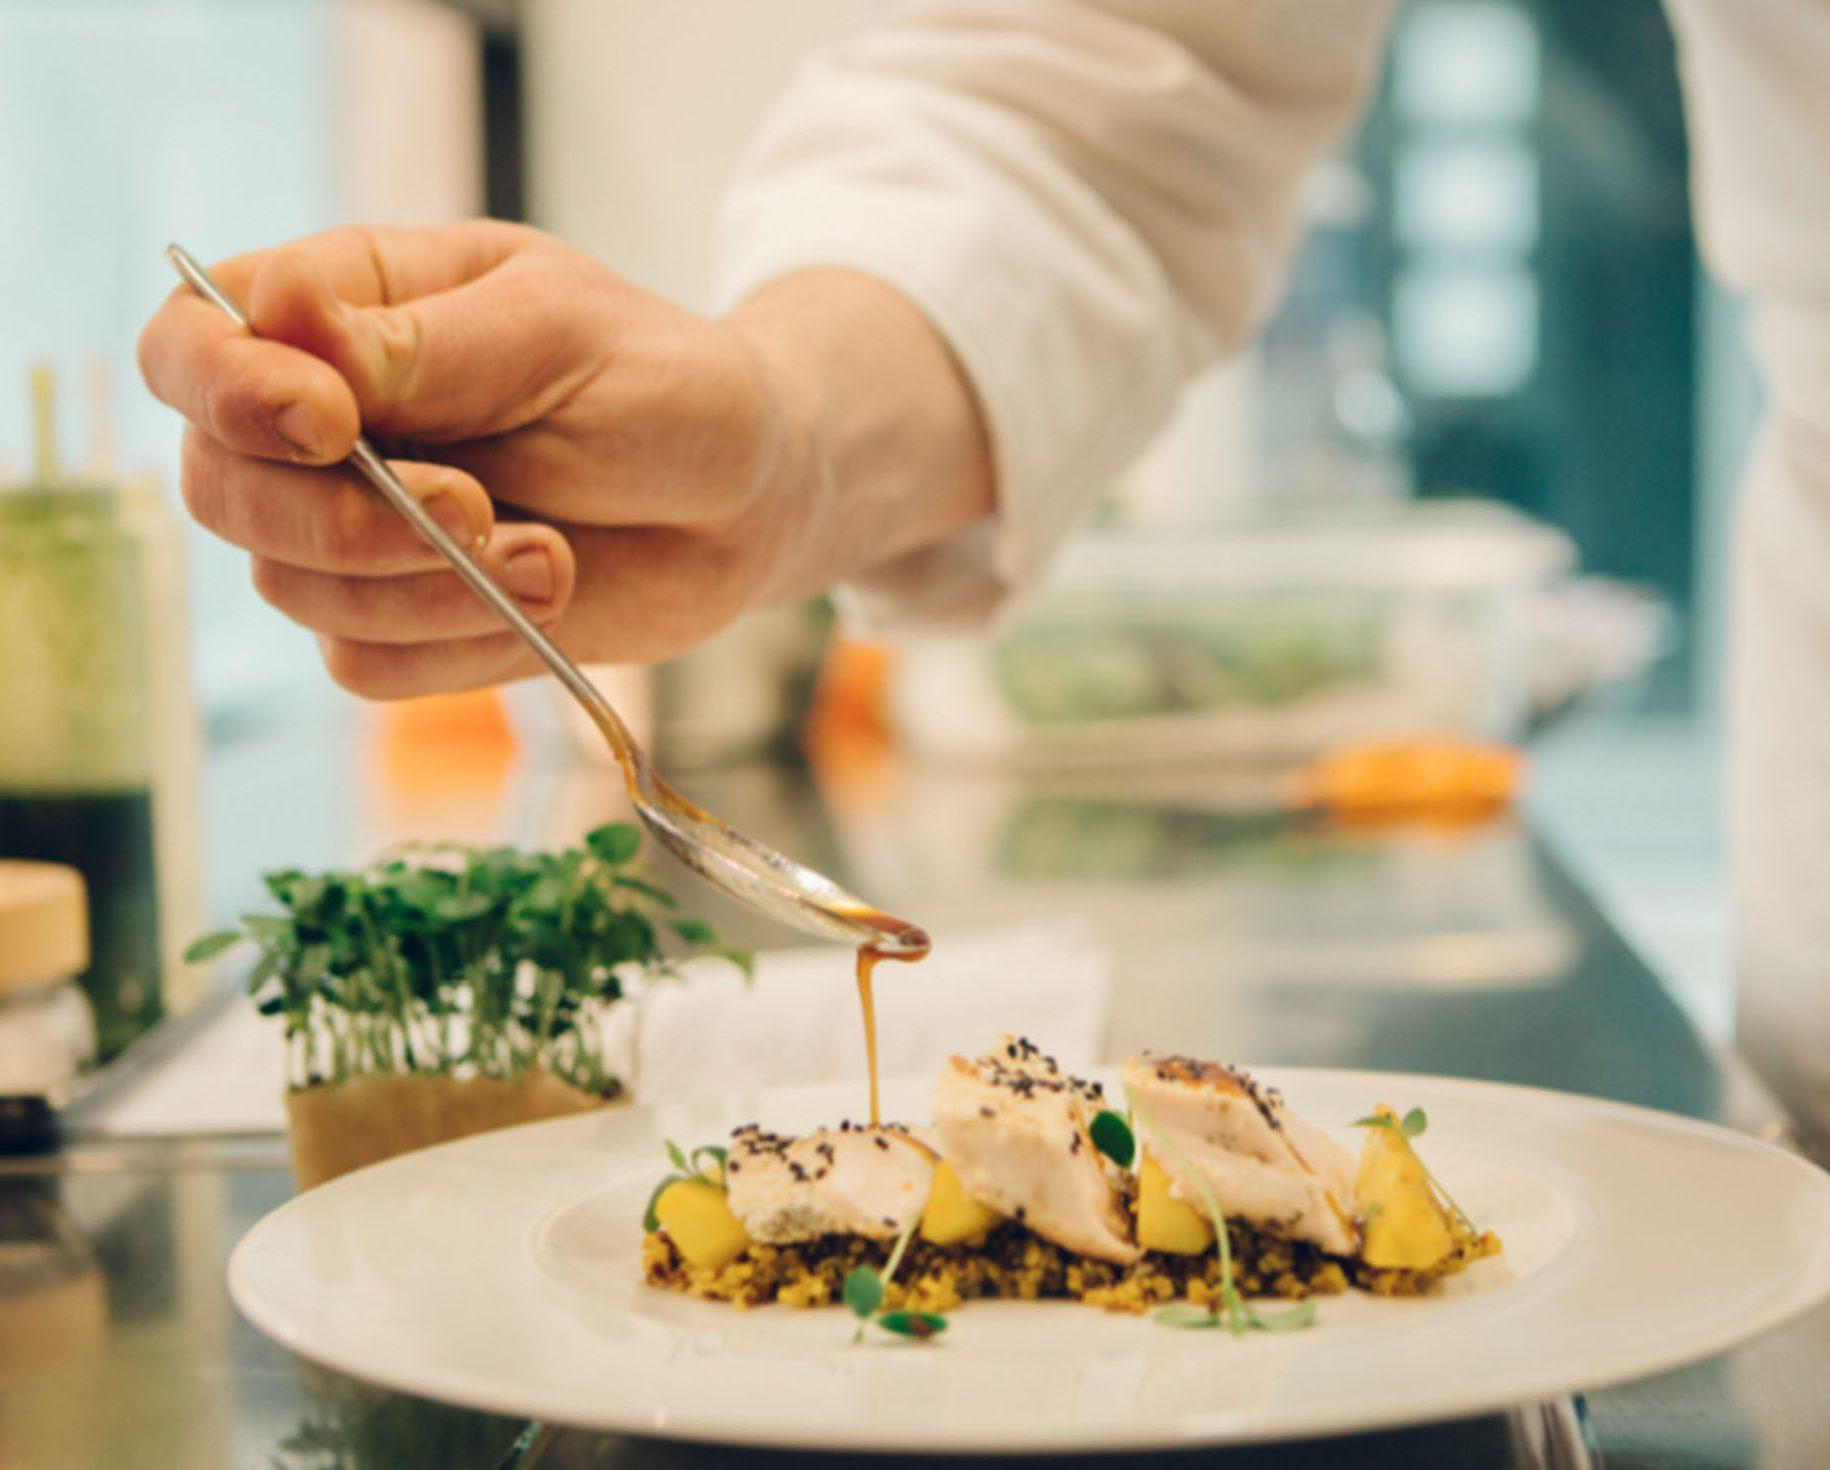 Angelo Biscotti Executive Chef per Consulenze di Ristorazione e Master Chef per Corsi di Cucina privati e nelle scuole più rinomate. Consulenza di cucina a Milano per Strat up ristorante ÁMATI.